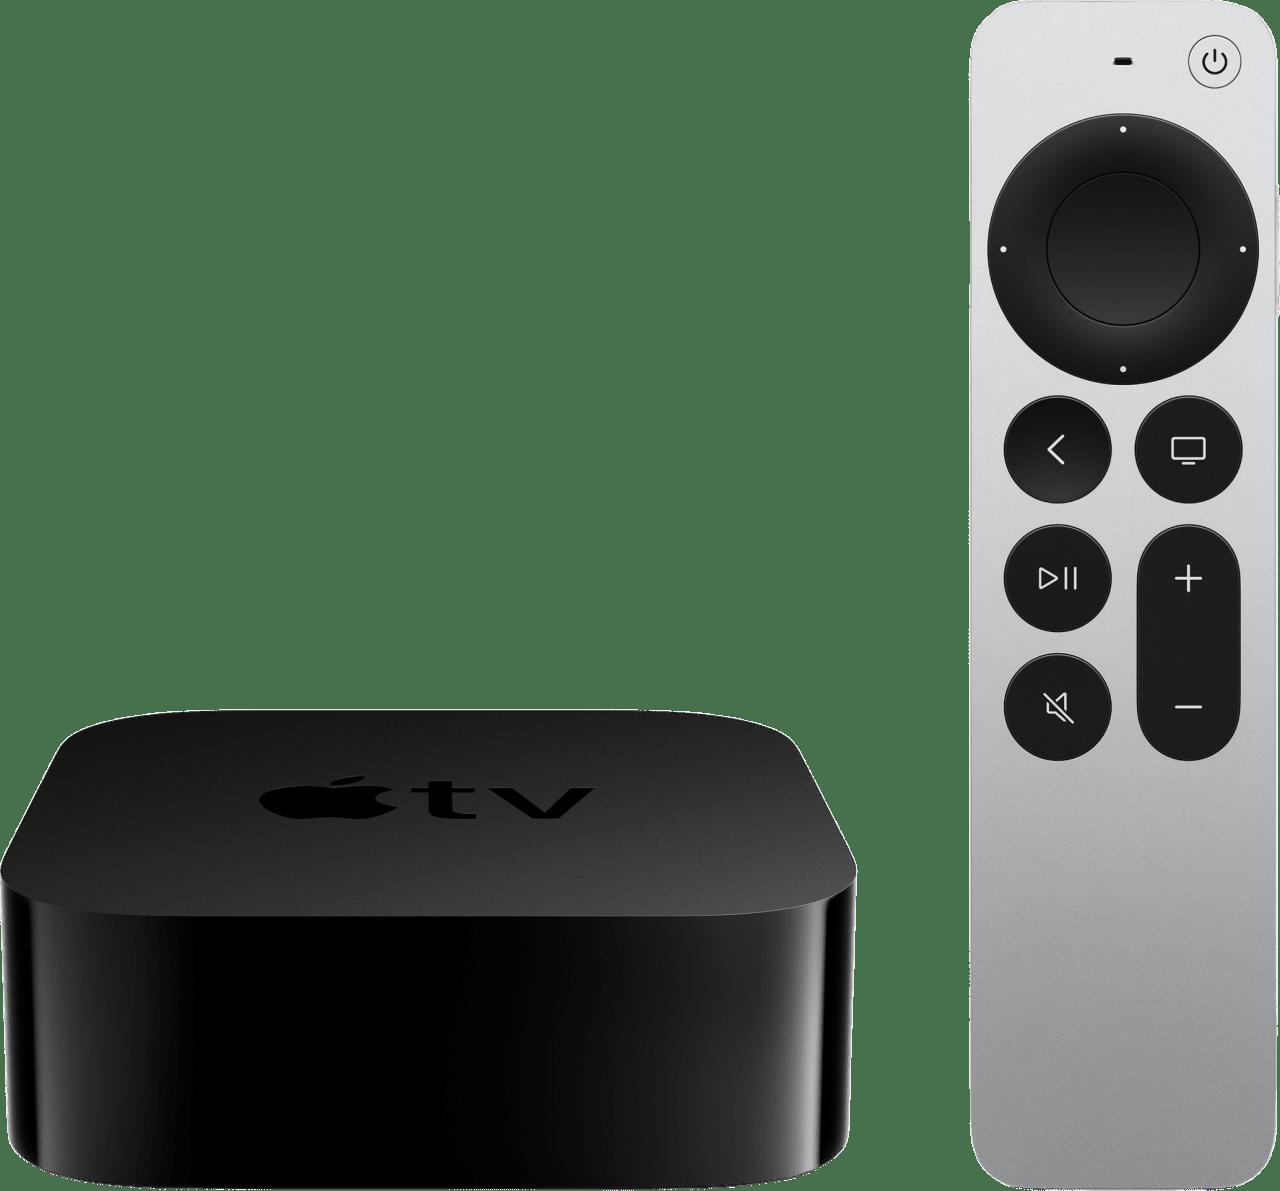 Schwarz Apple TV 4K 32GB (Gen. 2).1